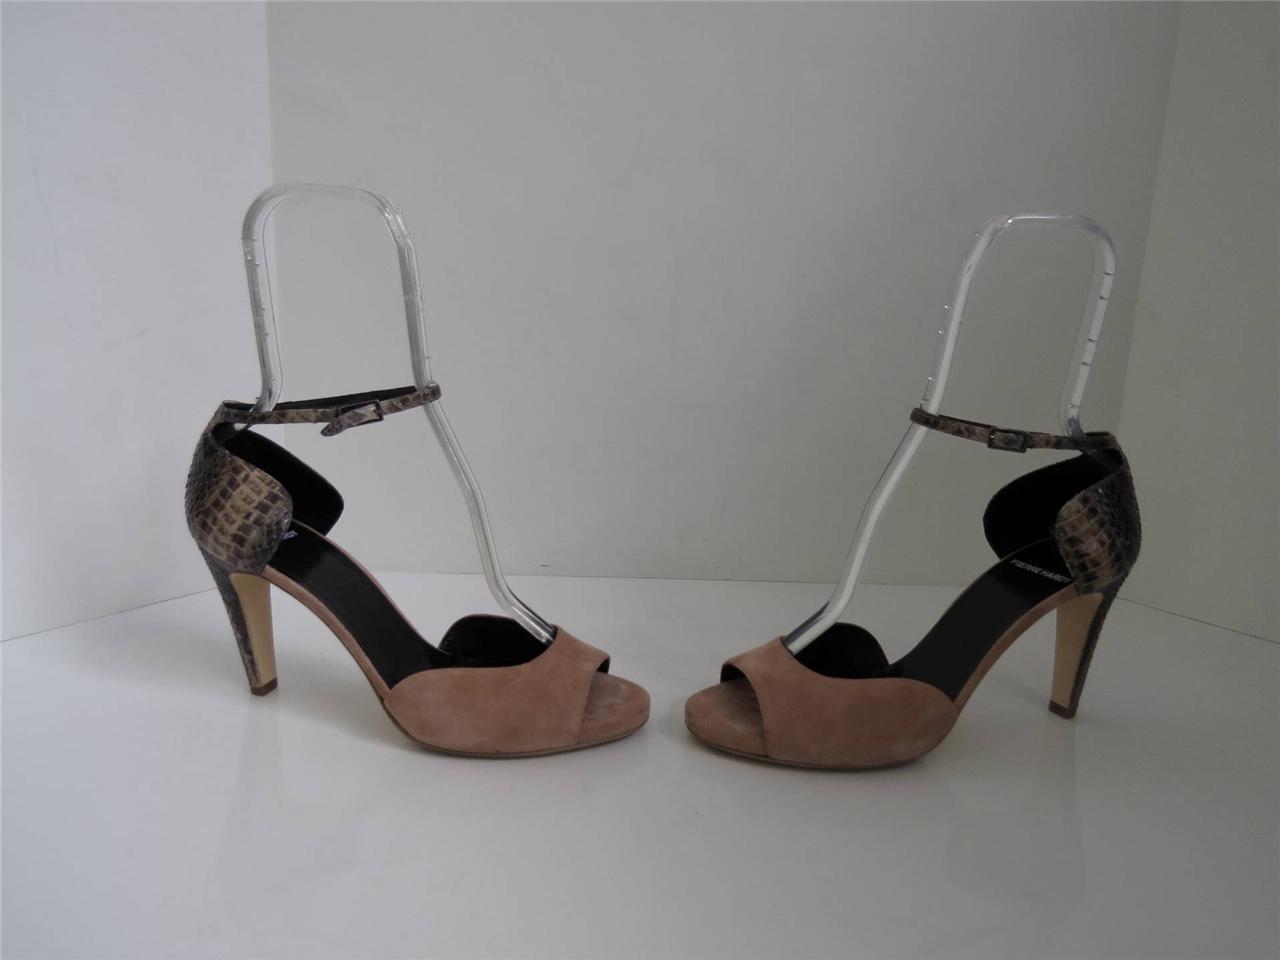 Pierre Hardy Beige Suede Open Toe Schuhes w/ Python Heel/Pumps Sz 40.5